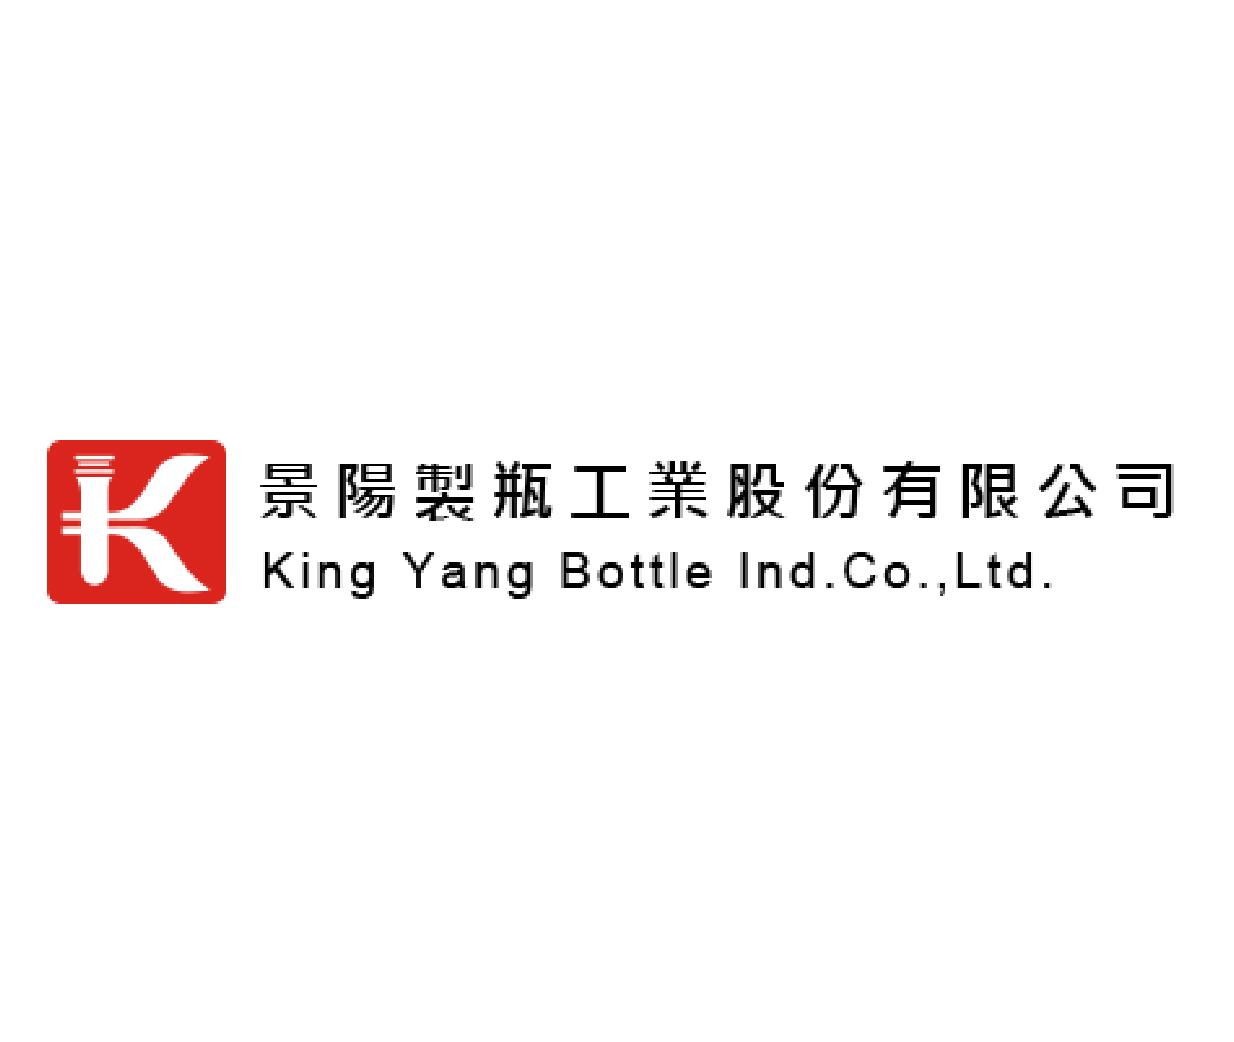 景陽製瓶工業股份有限公司